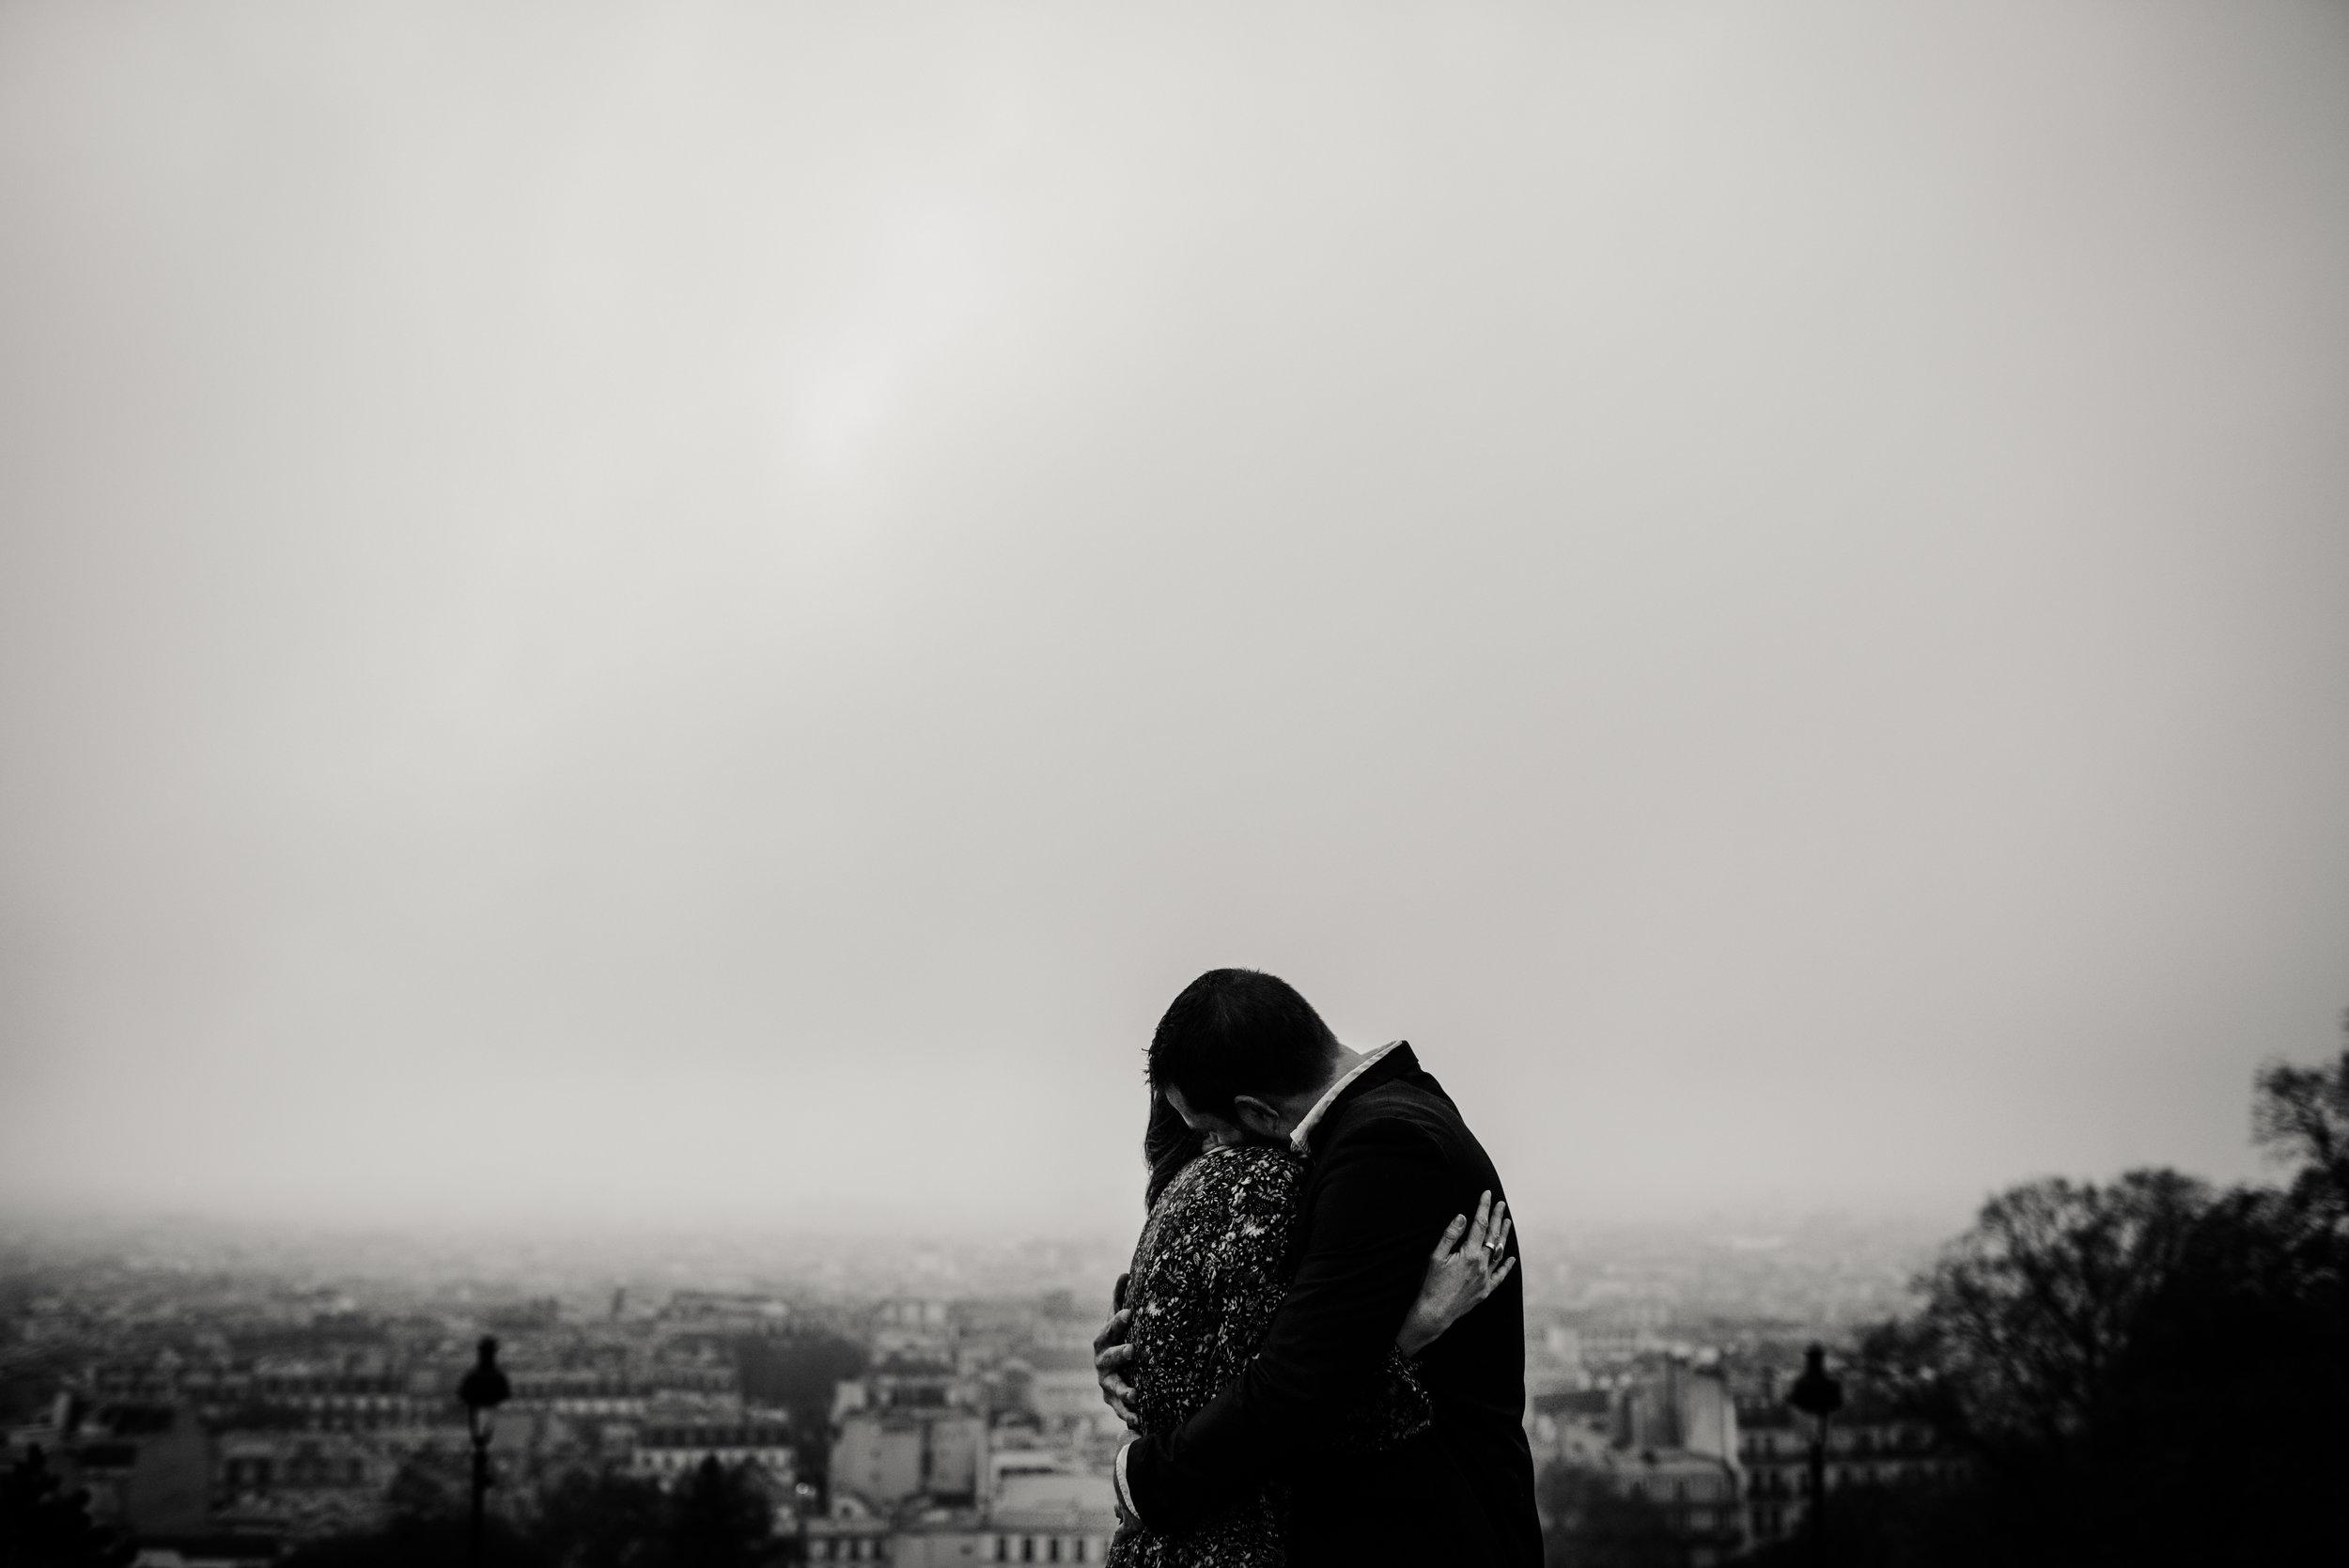 Léa-Fery-photographe-professionnel-lyon-rhone-alpes-portrait-creation-mariage-evenement-evenementiel-famille-4914.jpg